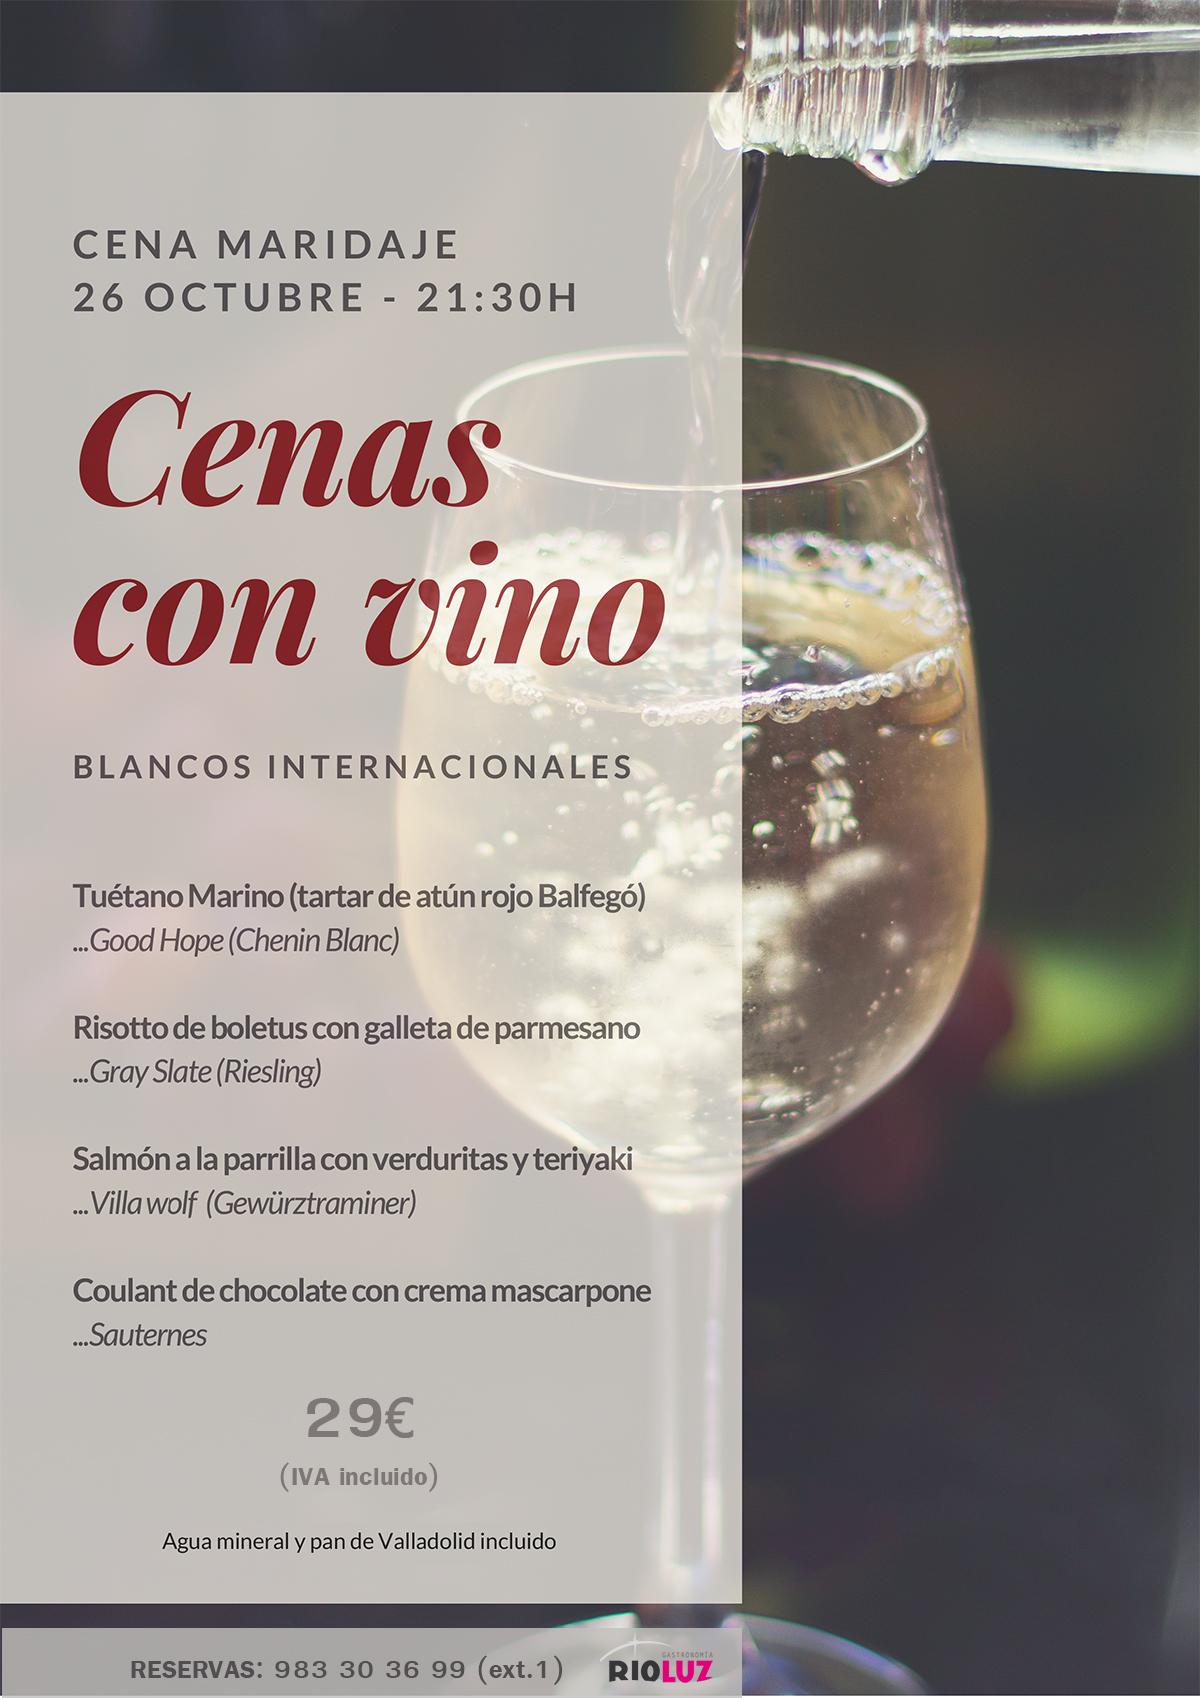 Cenas con vino, blancos internacionales